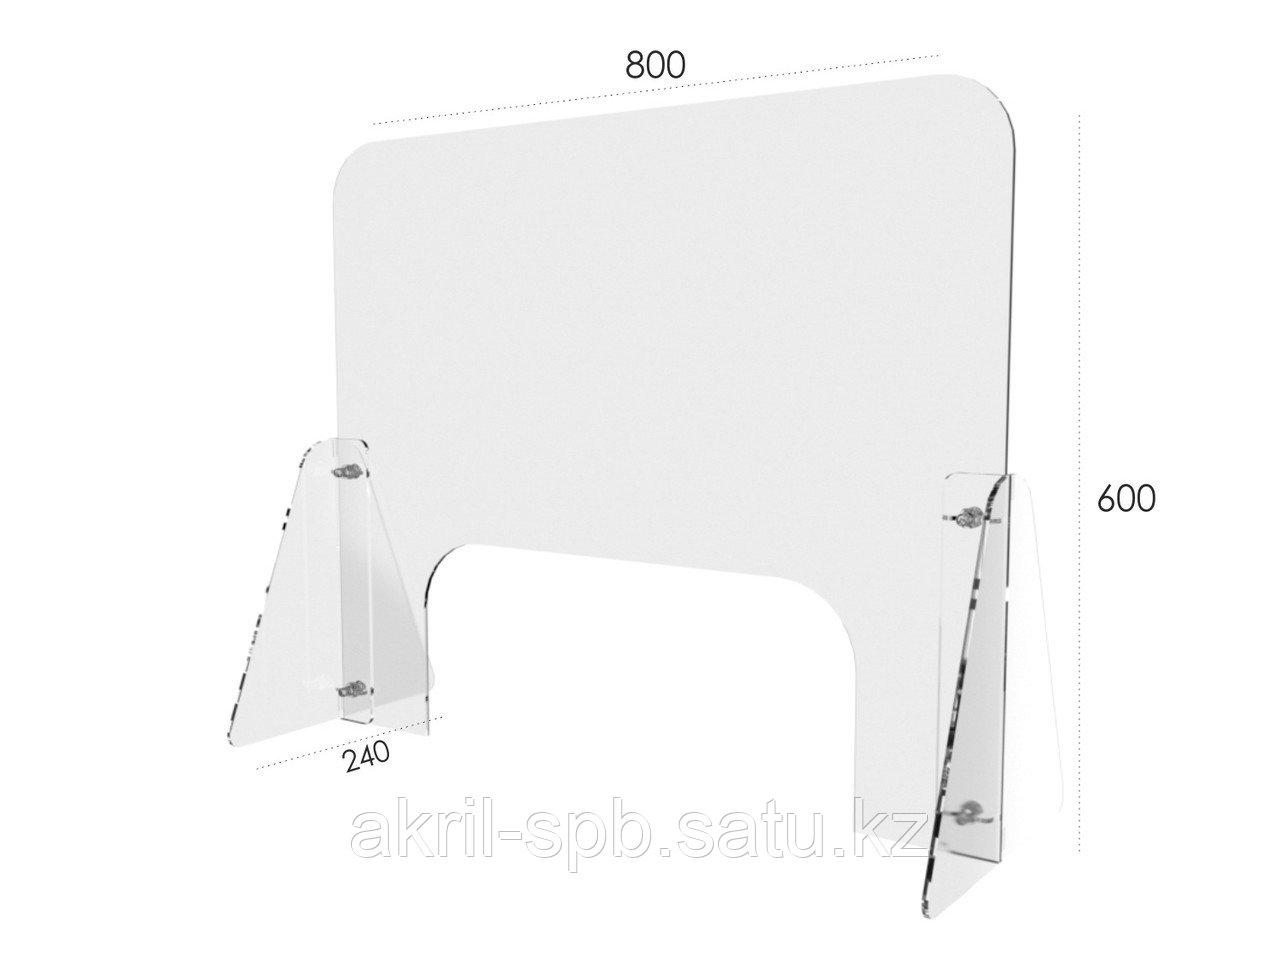 Экран защитный 800х600 2мм ПЭТ